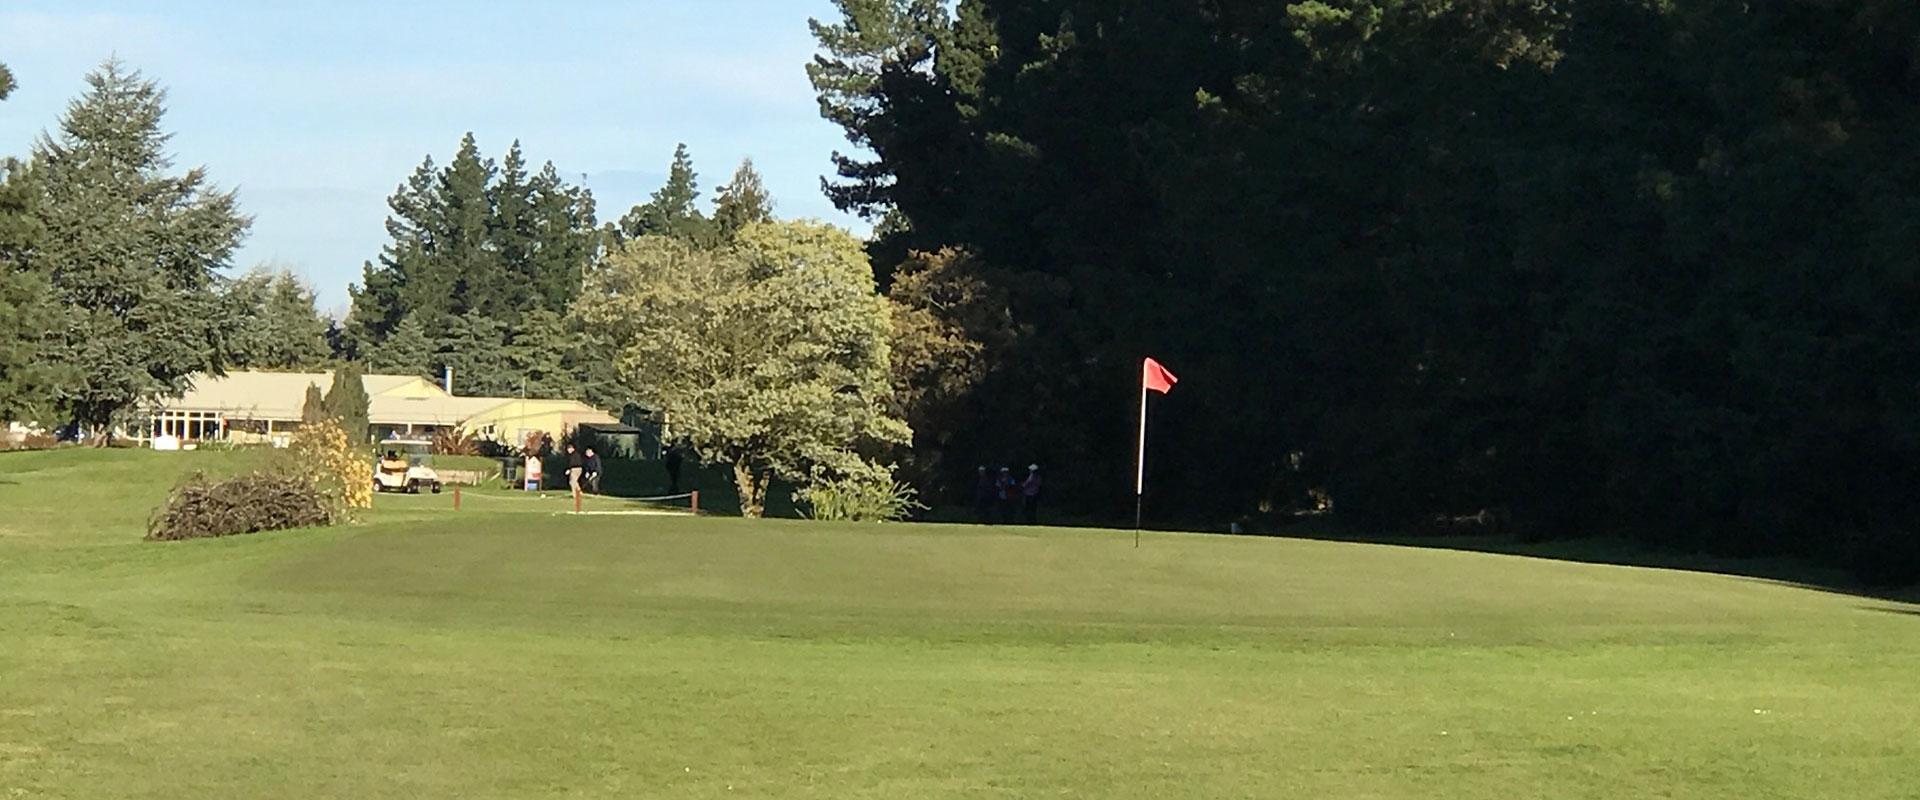 Christchurch Golf Course